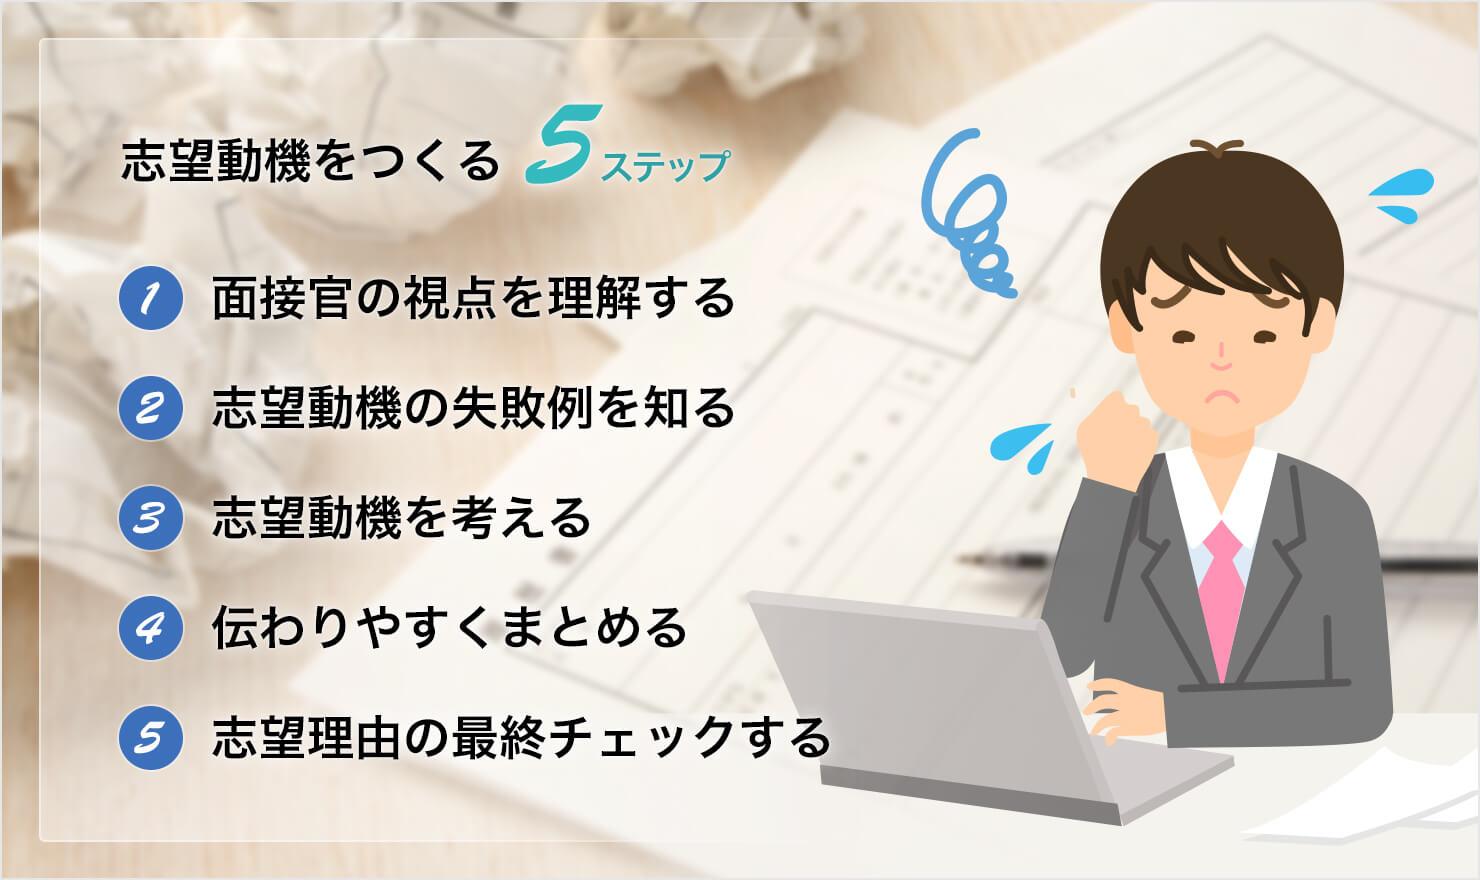 【採用担当者の印象UP!】履歴書の志望動機が書きやすくなる5ステップ